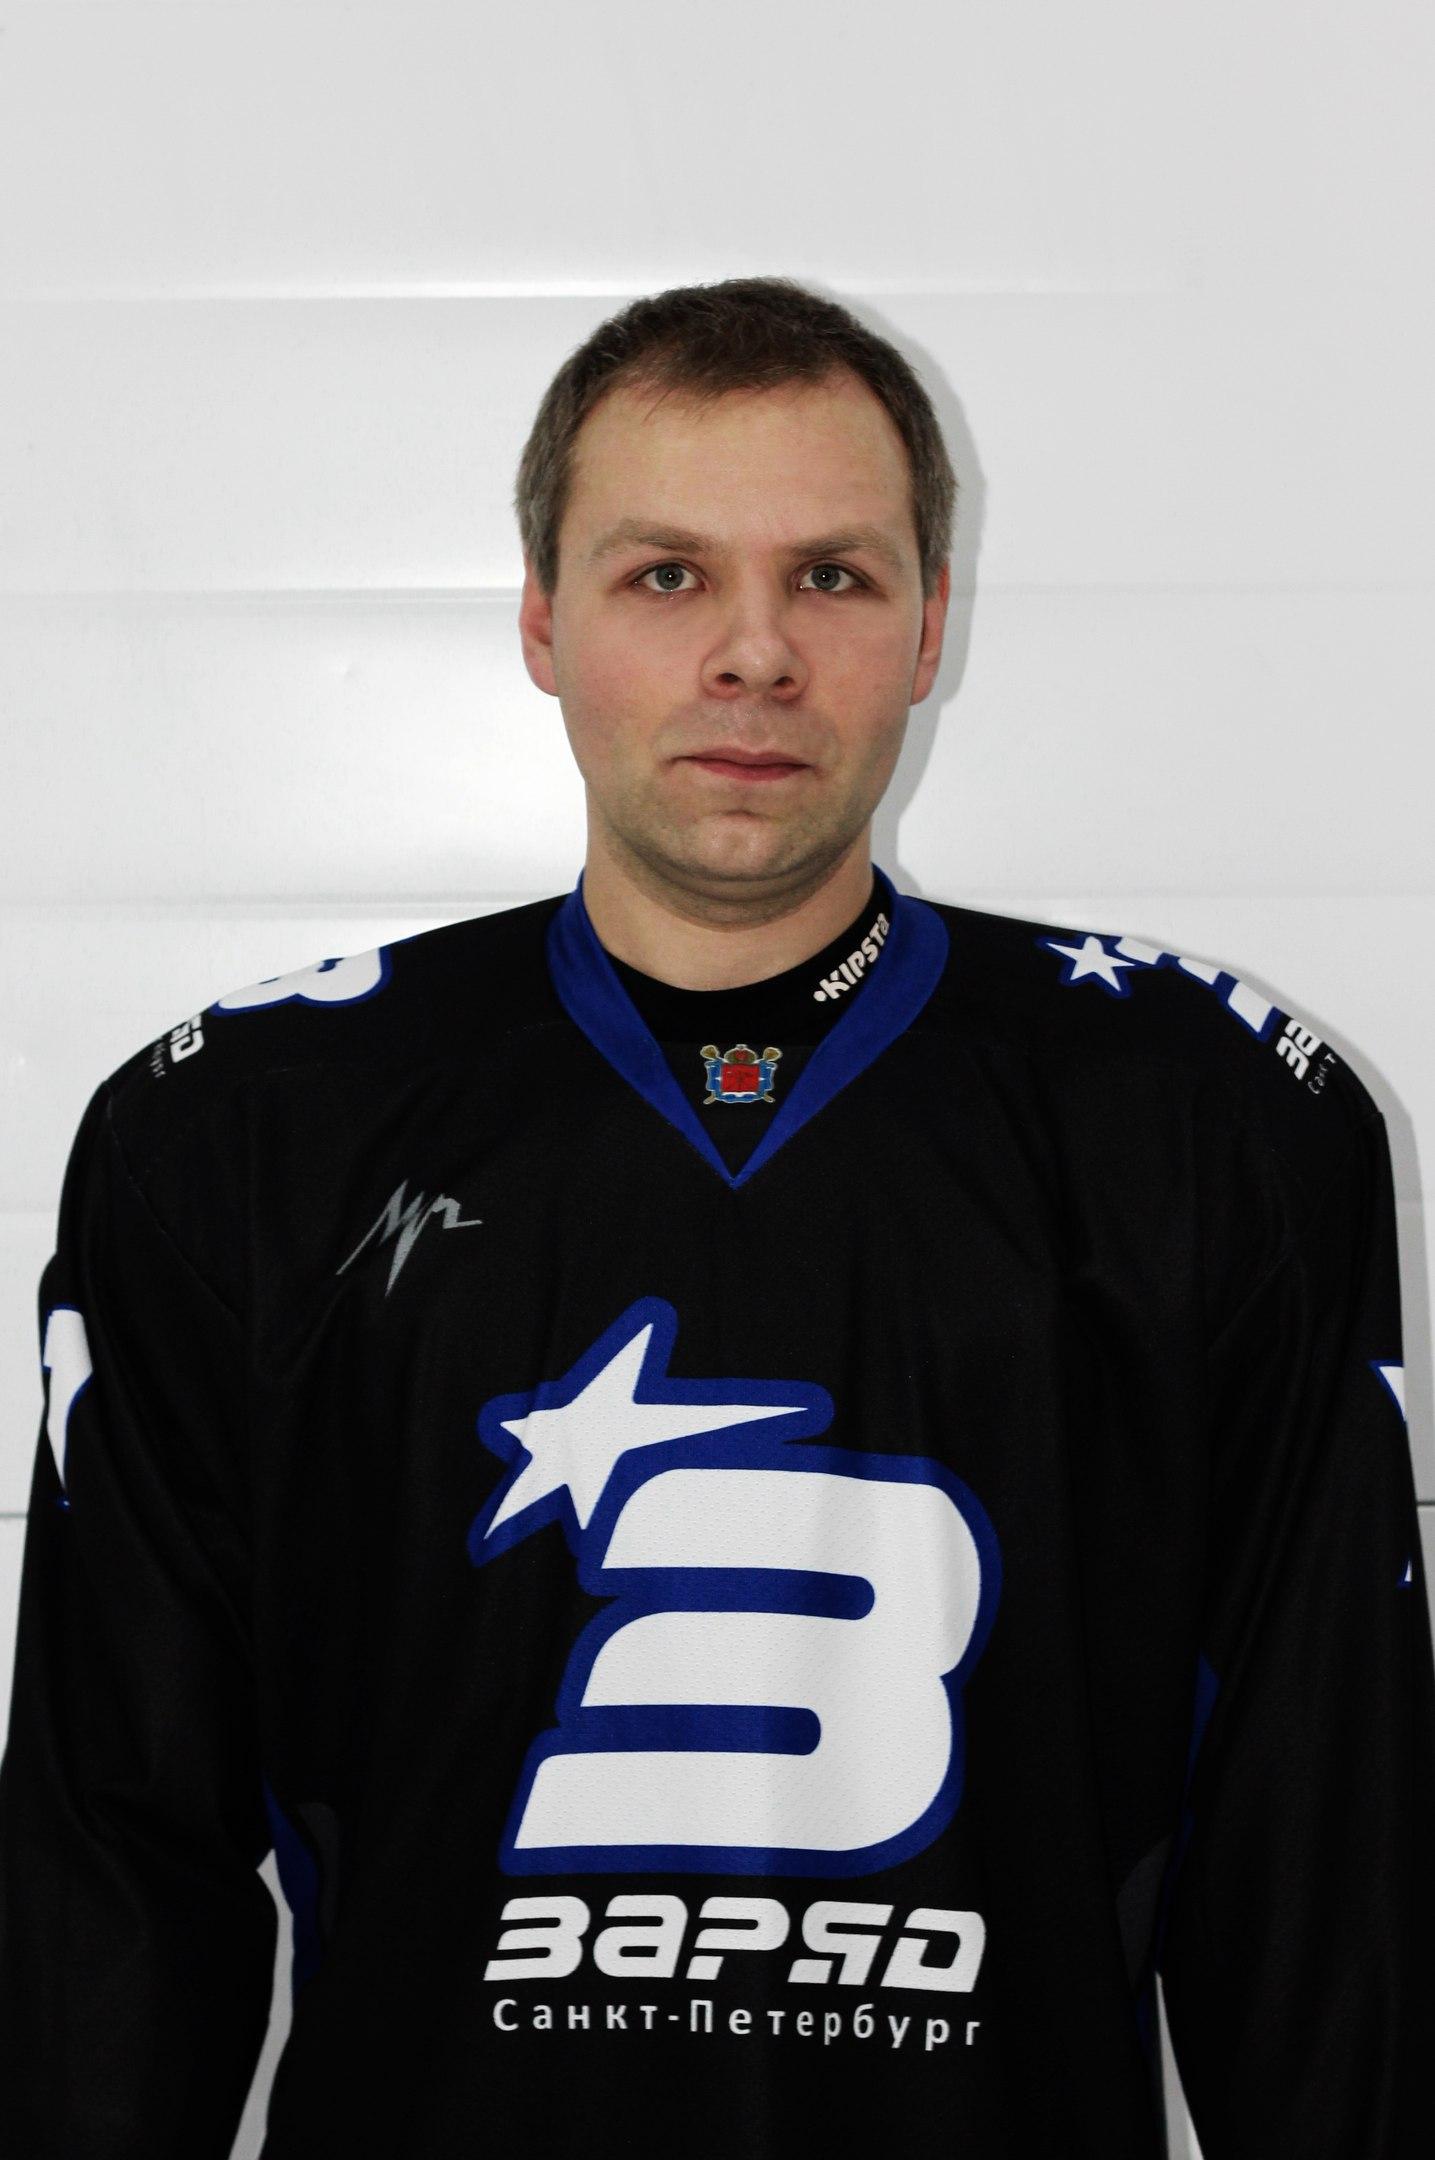 Голубев Алексей